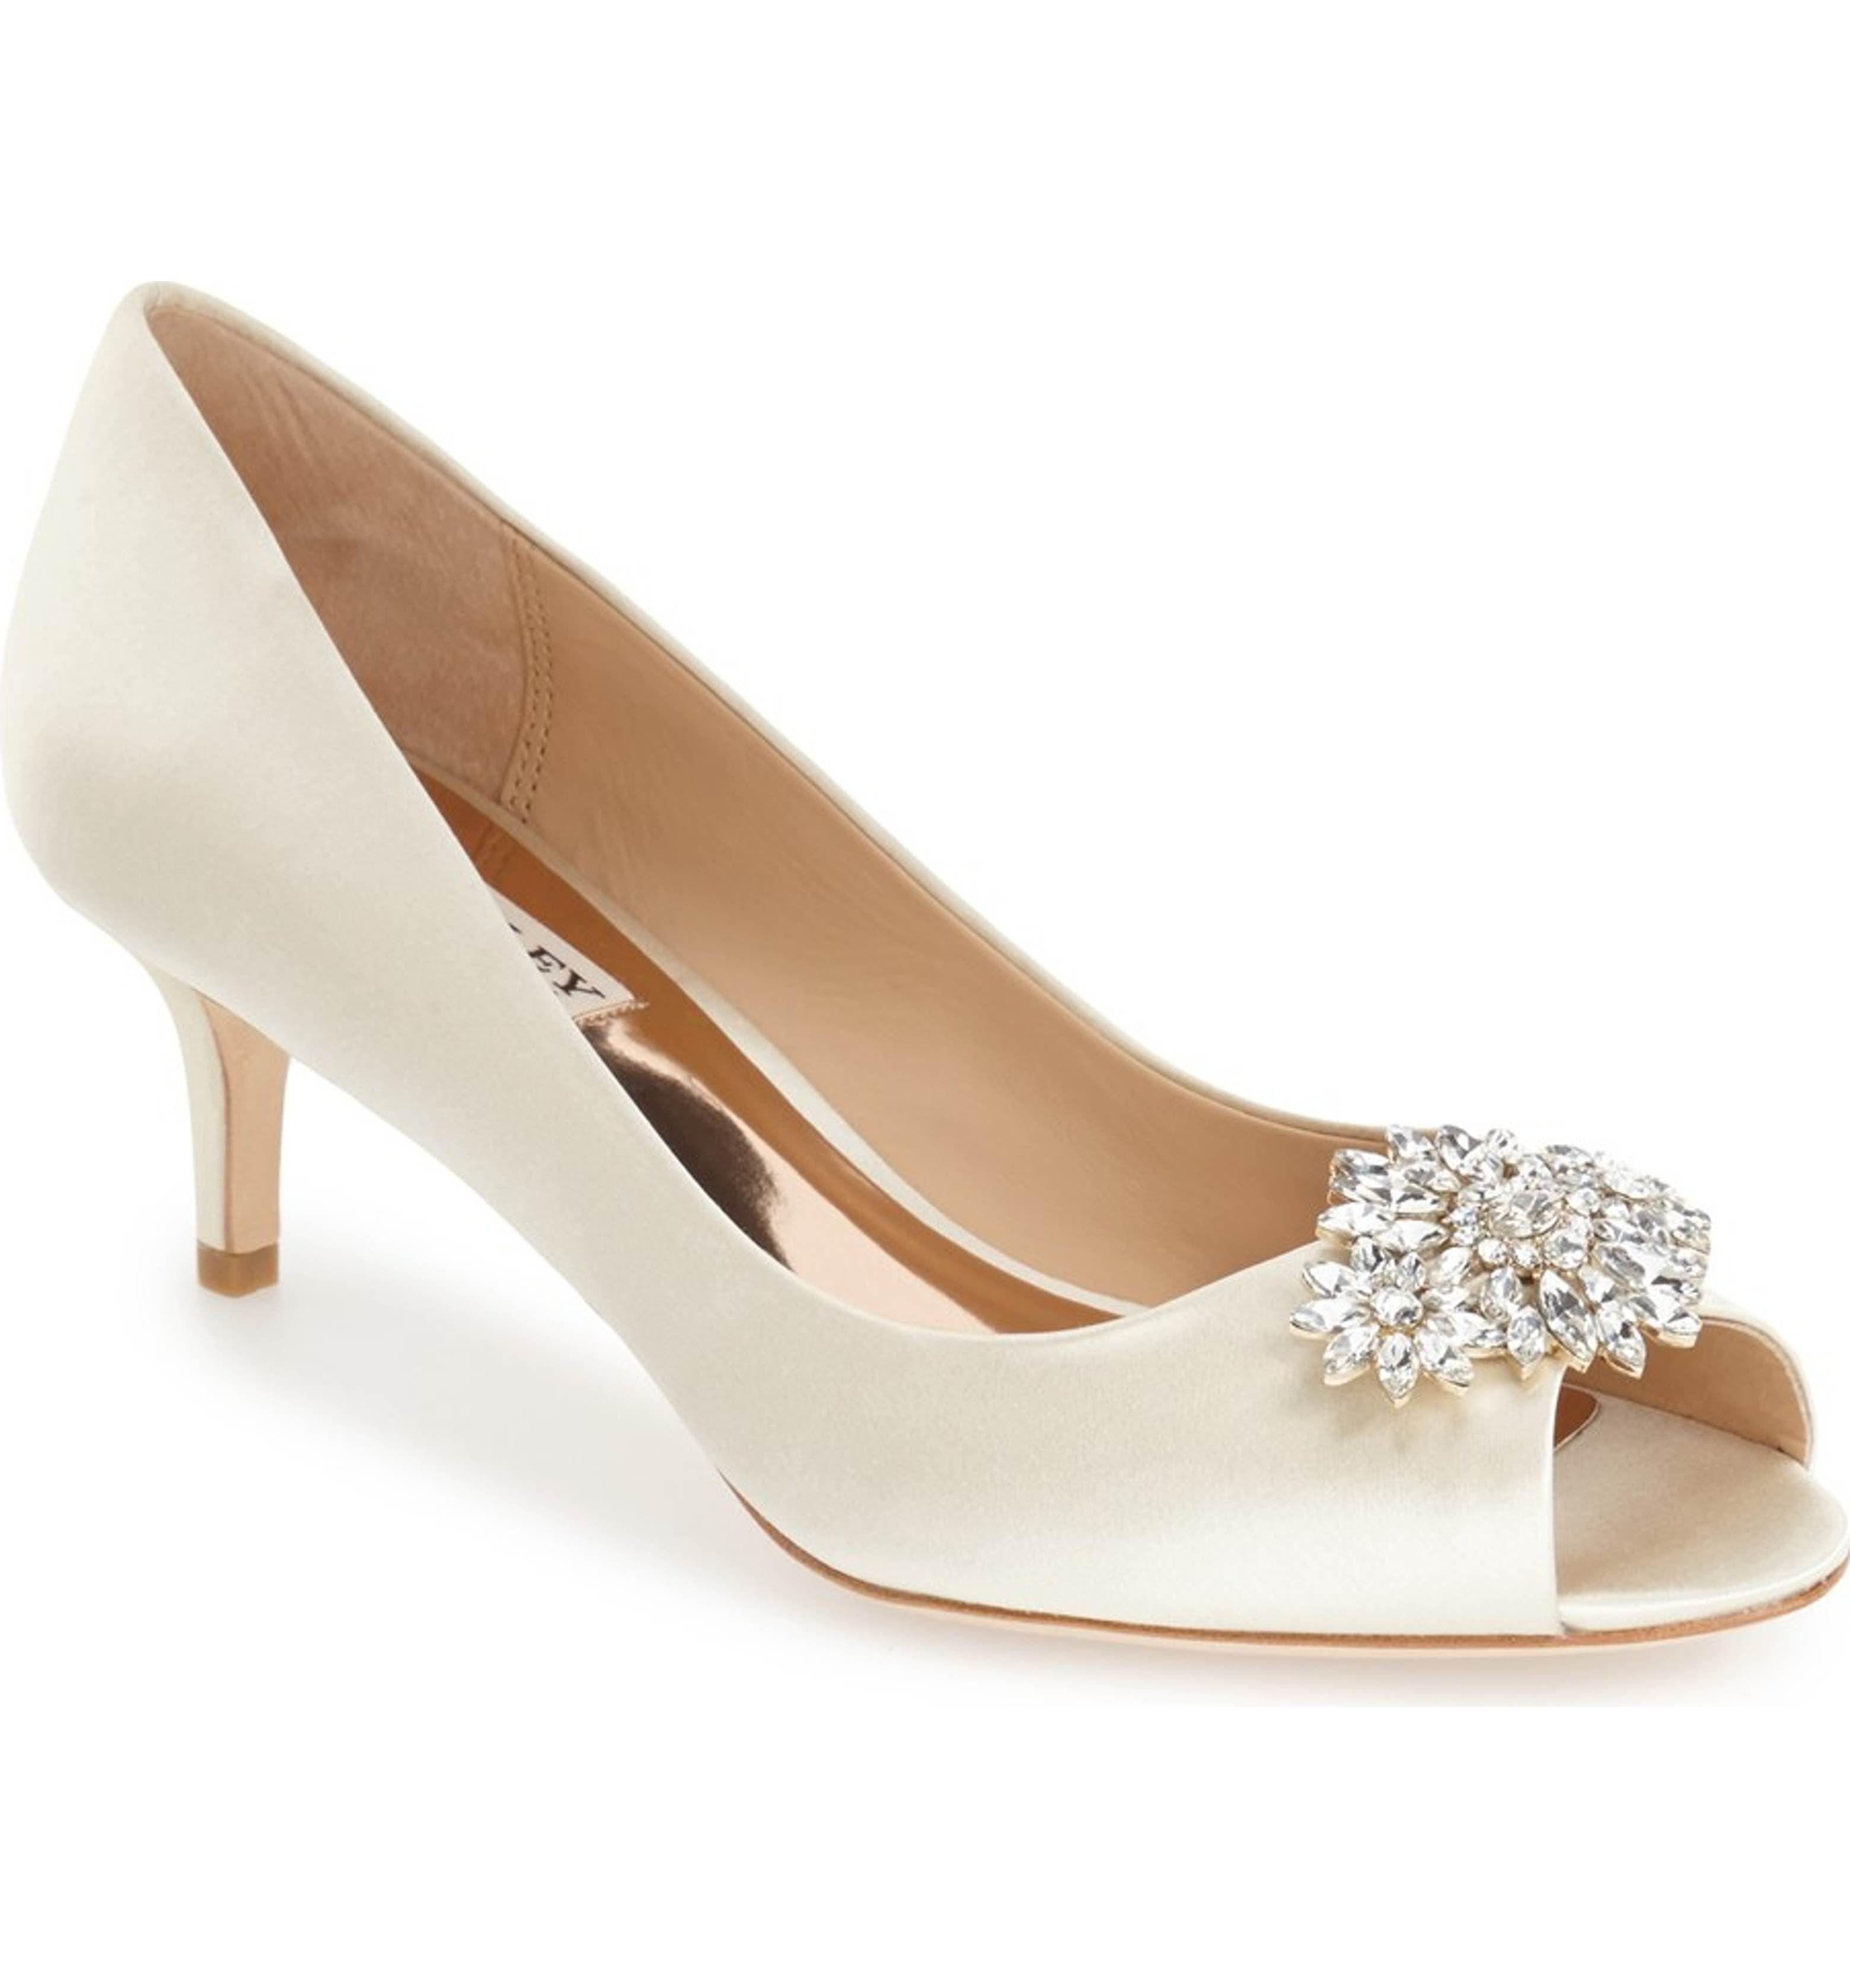 Main Image Badgley Mischka Nakita Kitten Heel Peep Toe Pump Women Wedding Shoes Heels Kitten Heel Wedding Shoes Bridesmaids Heels